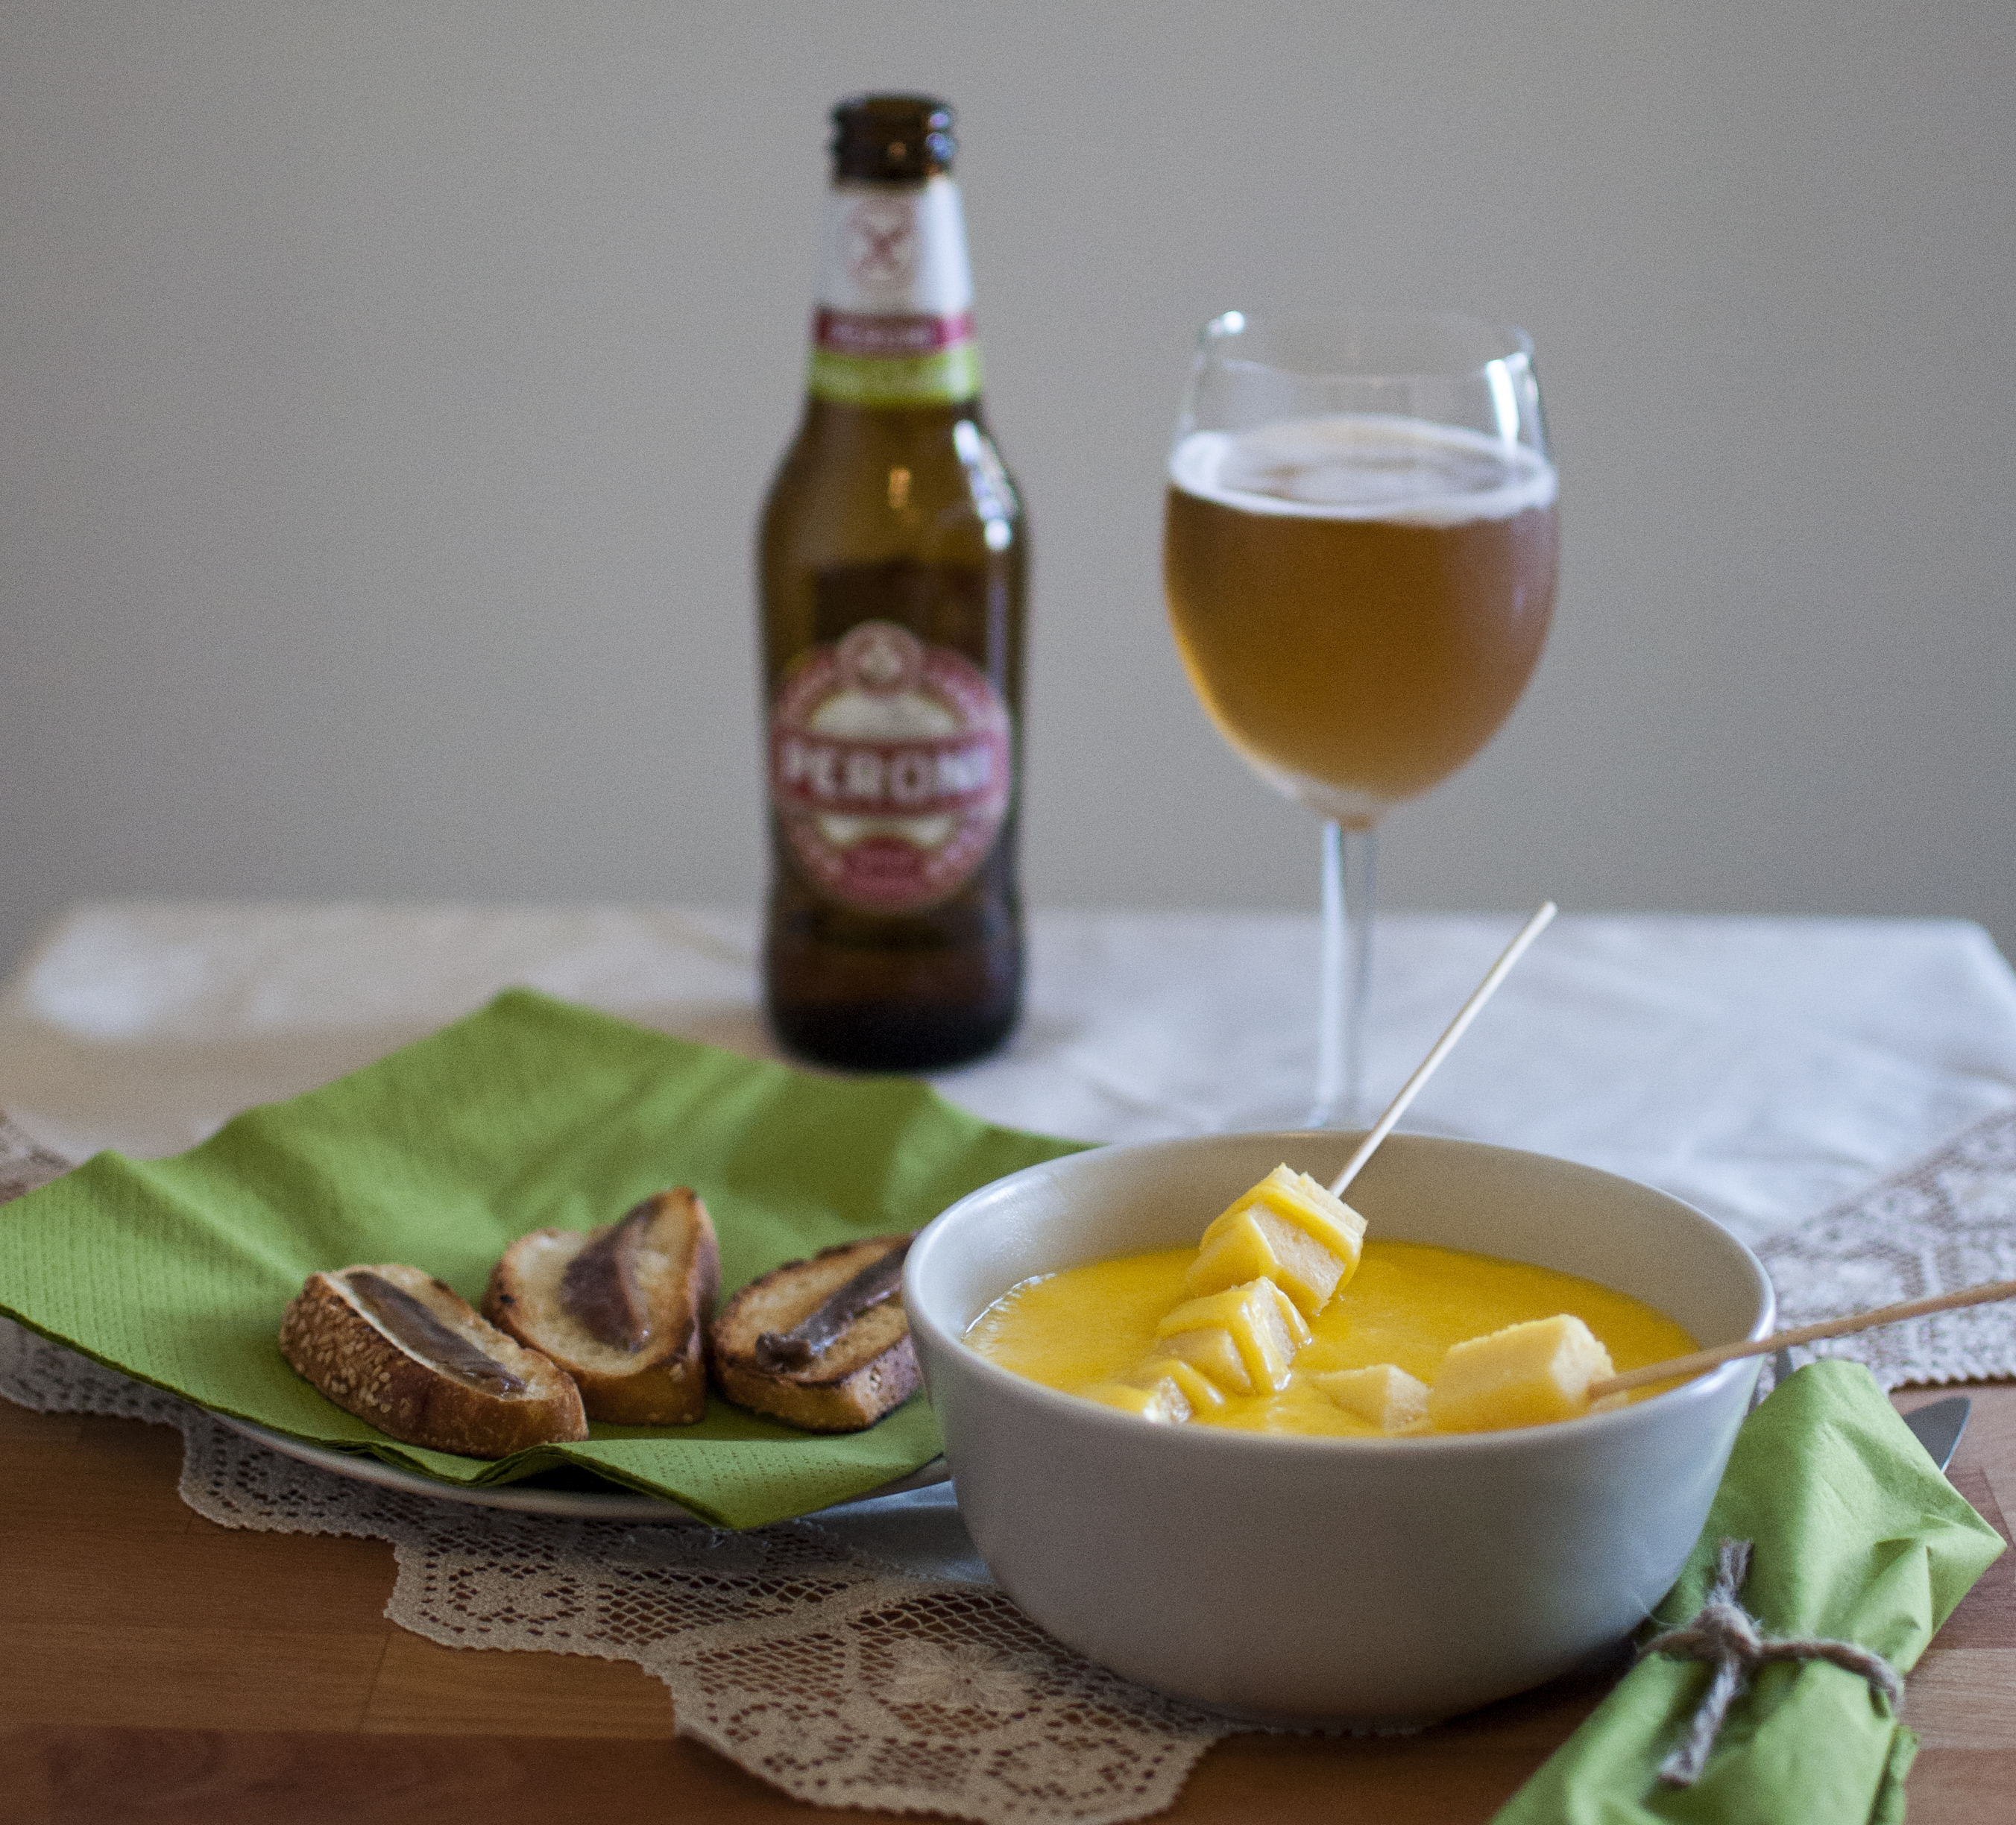 Fonduta di formaggio con Peroni Senza Glutine